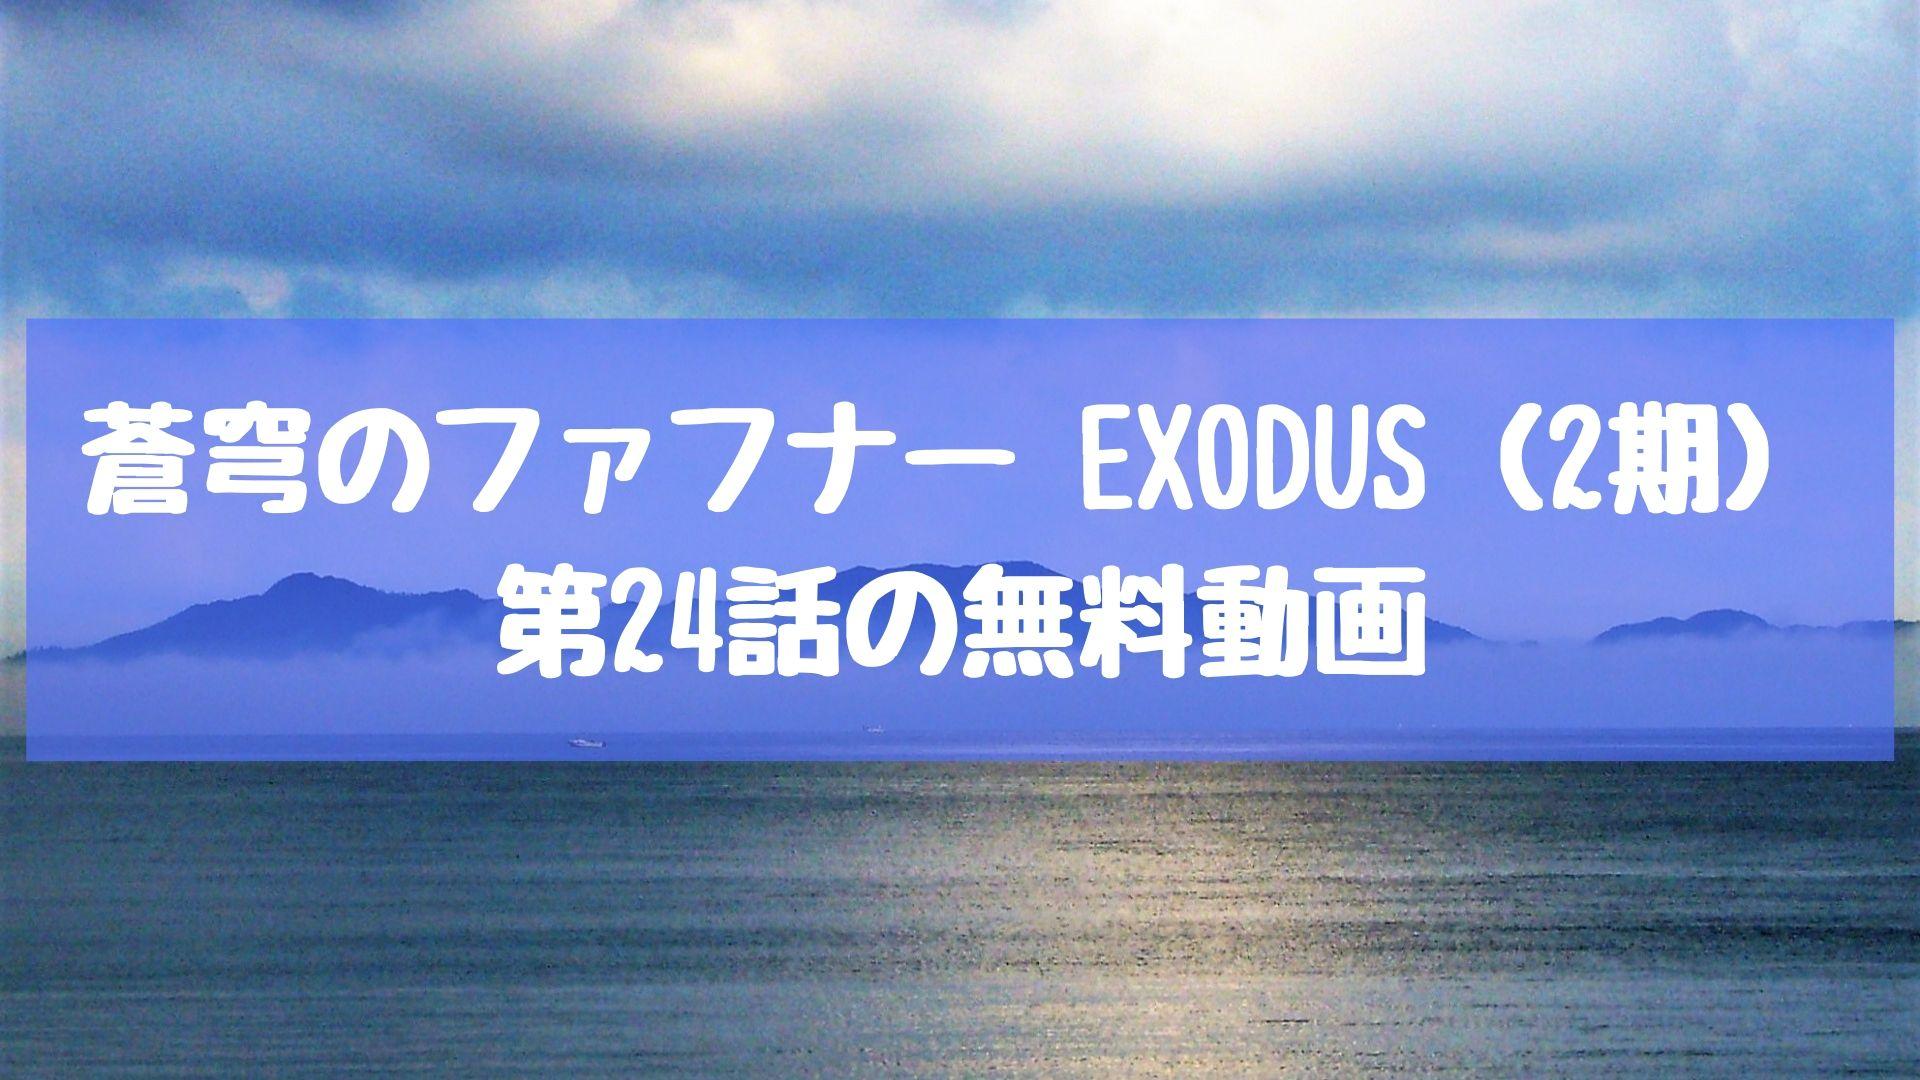 蒼穹のファフナー EXODUS(2期) 第24話の無料動画